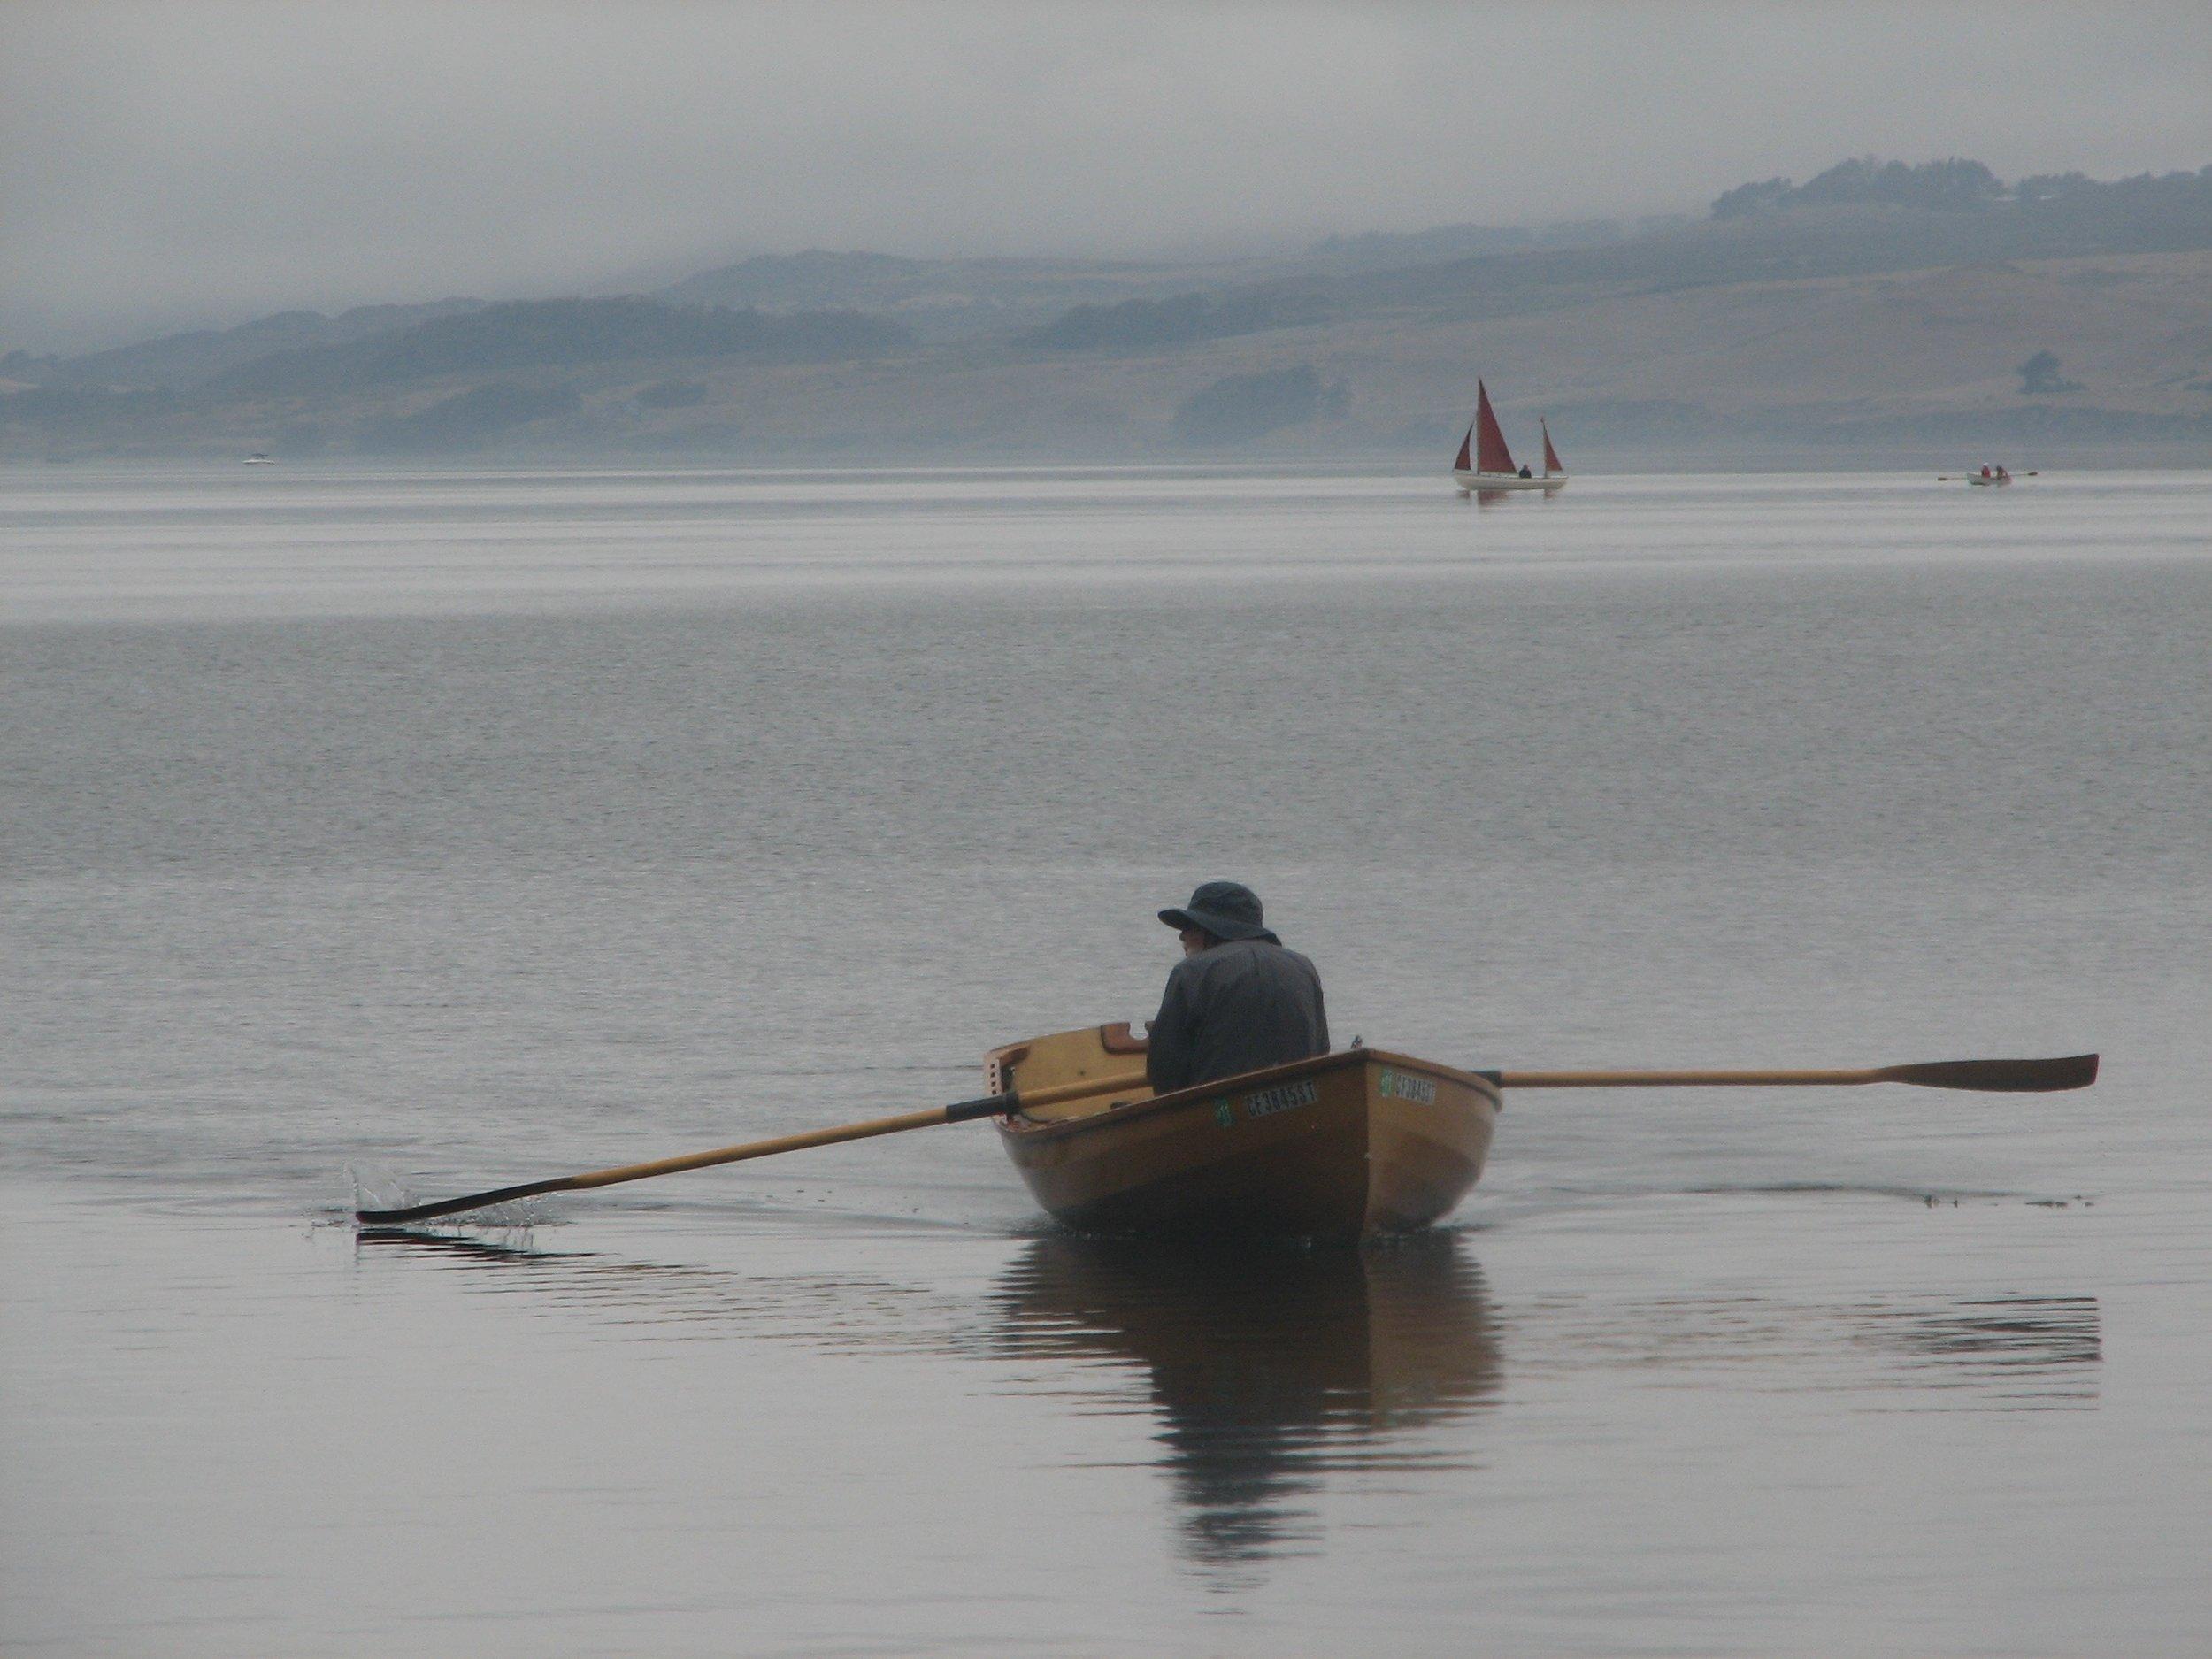 RowingSailing.jpg